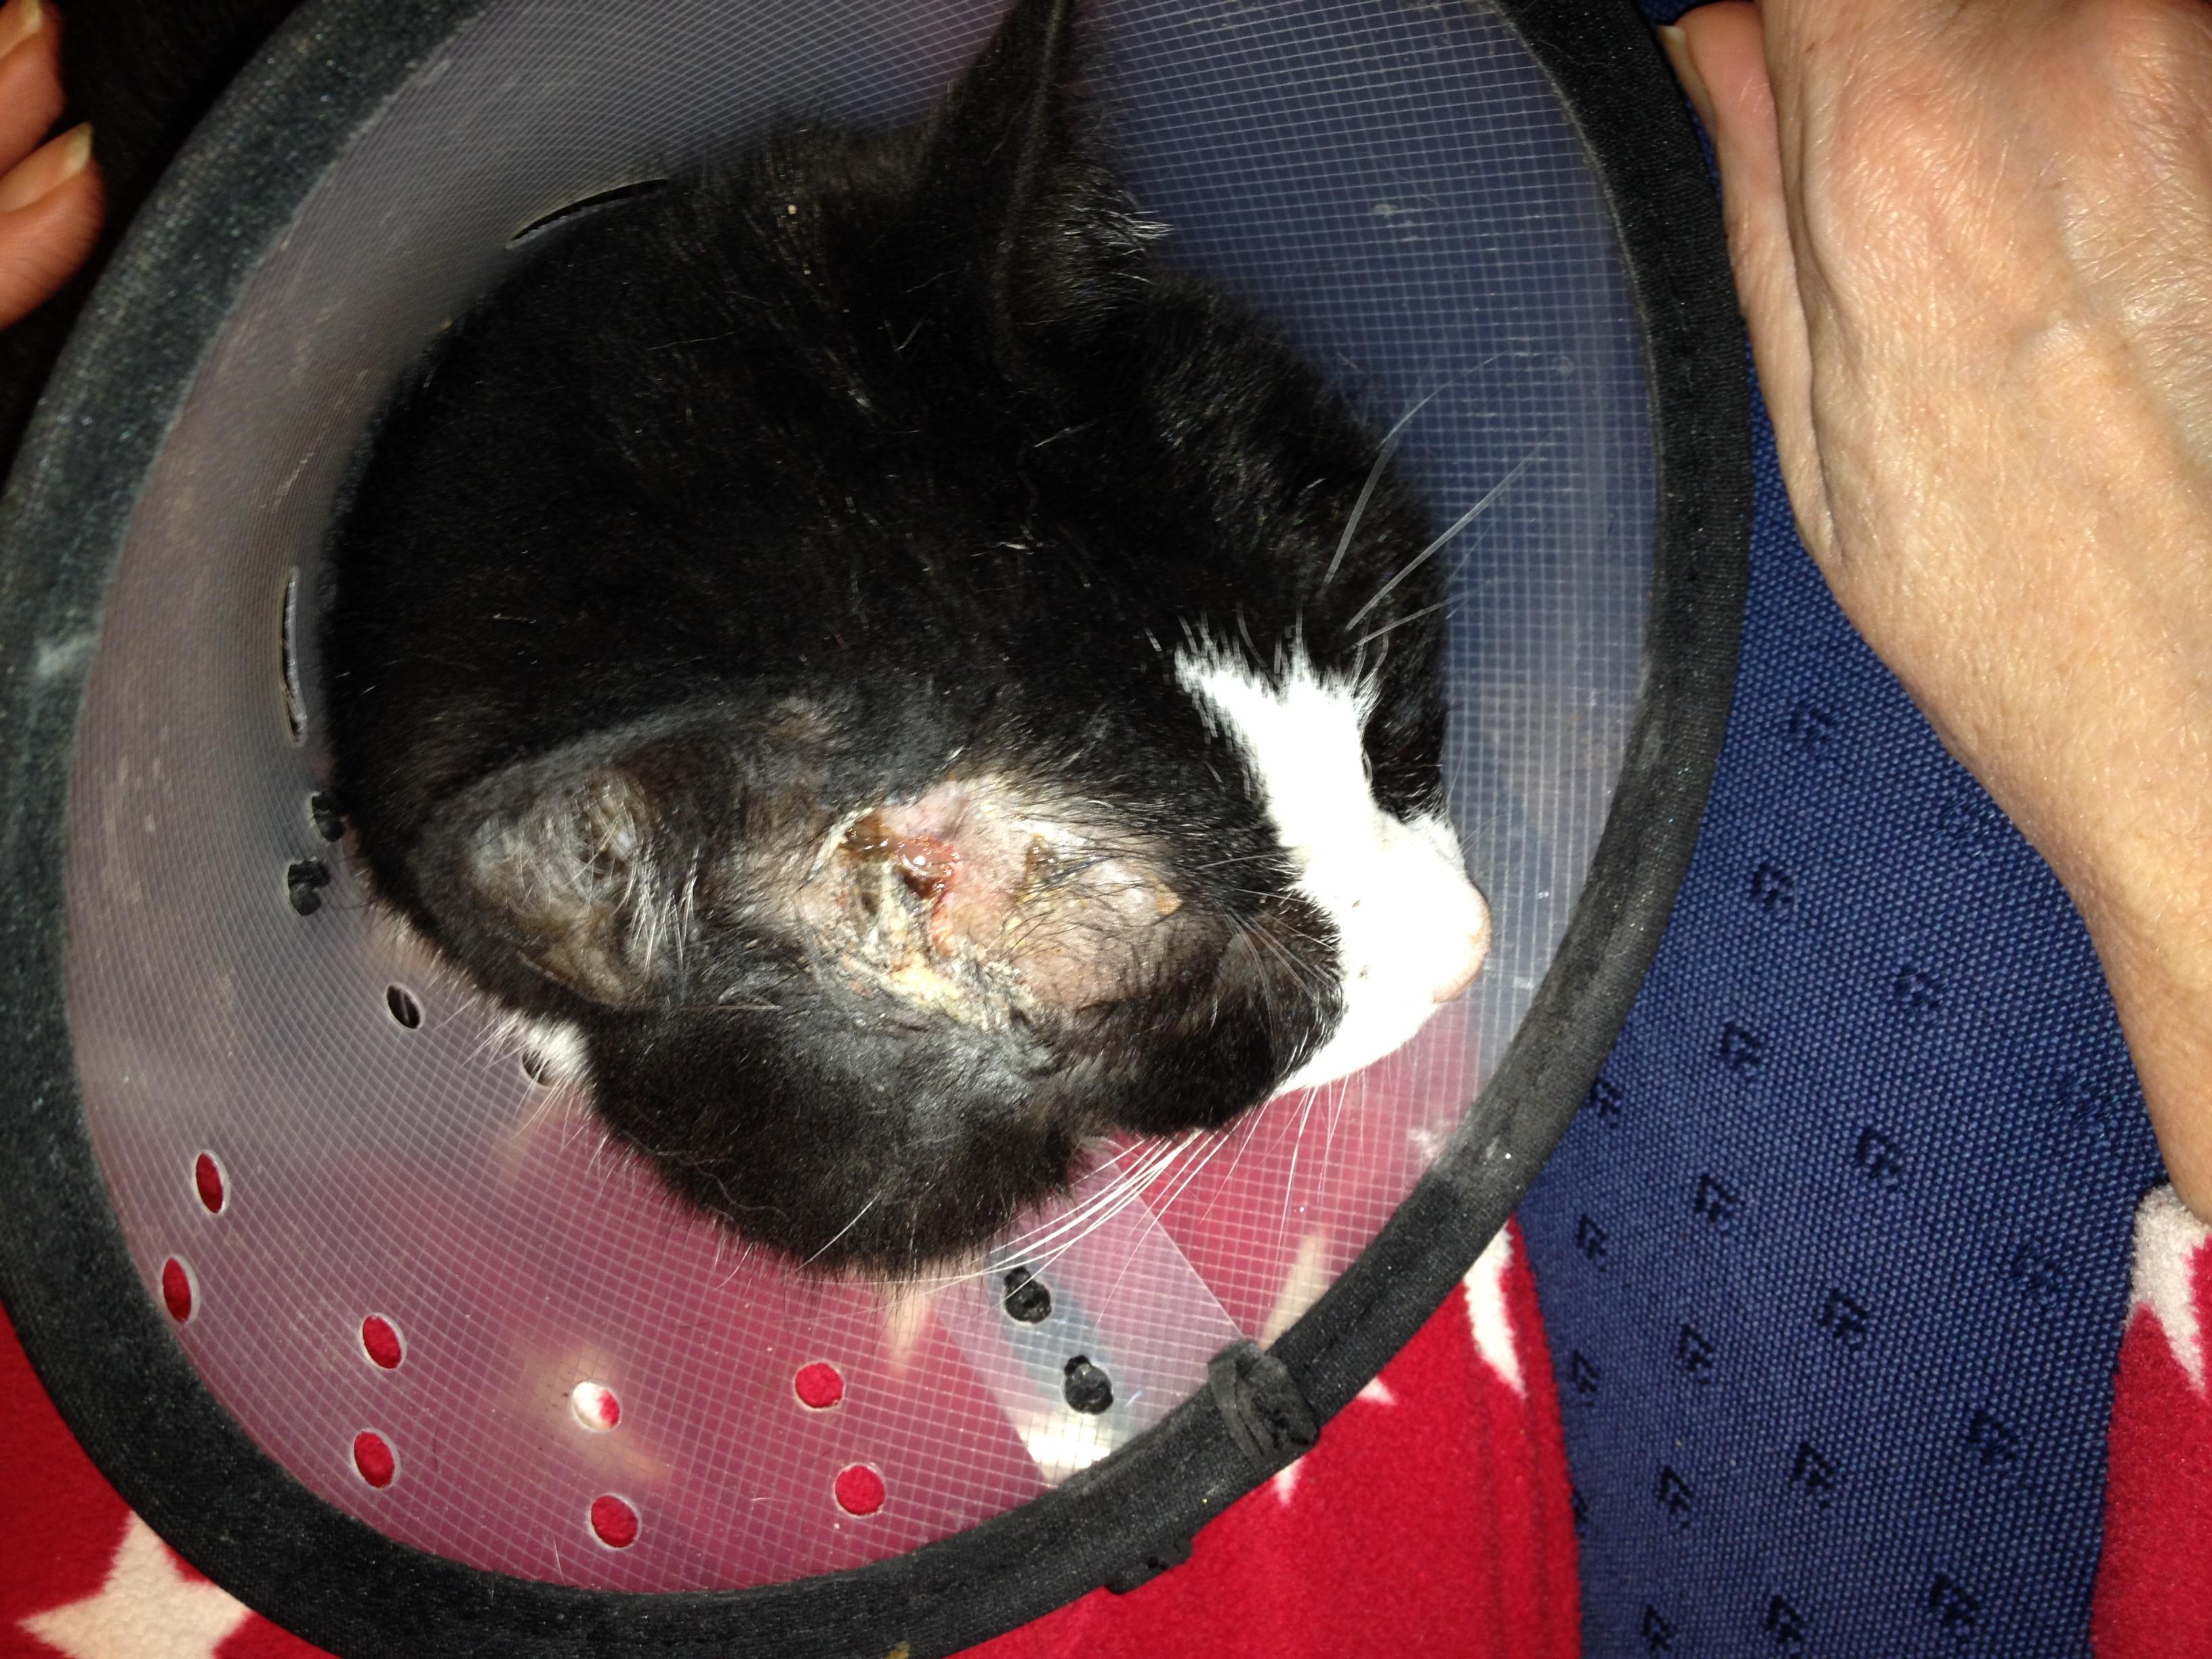 Zapper head wound